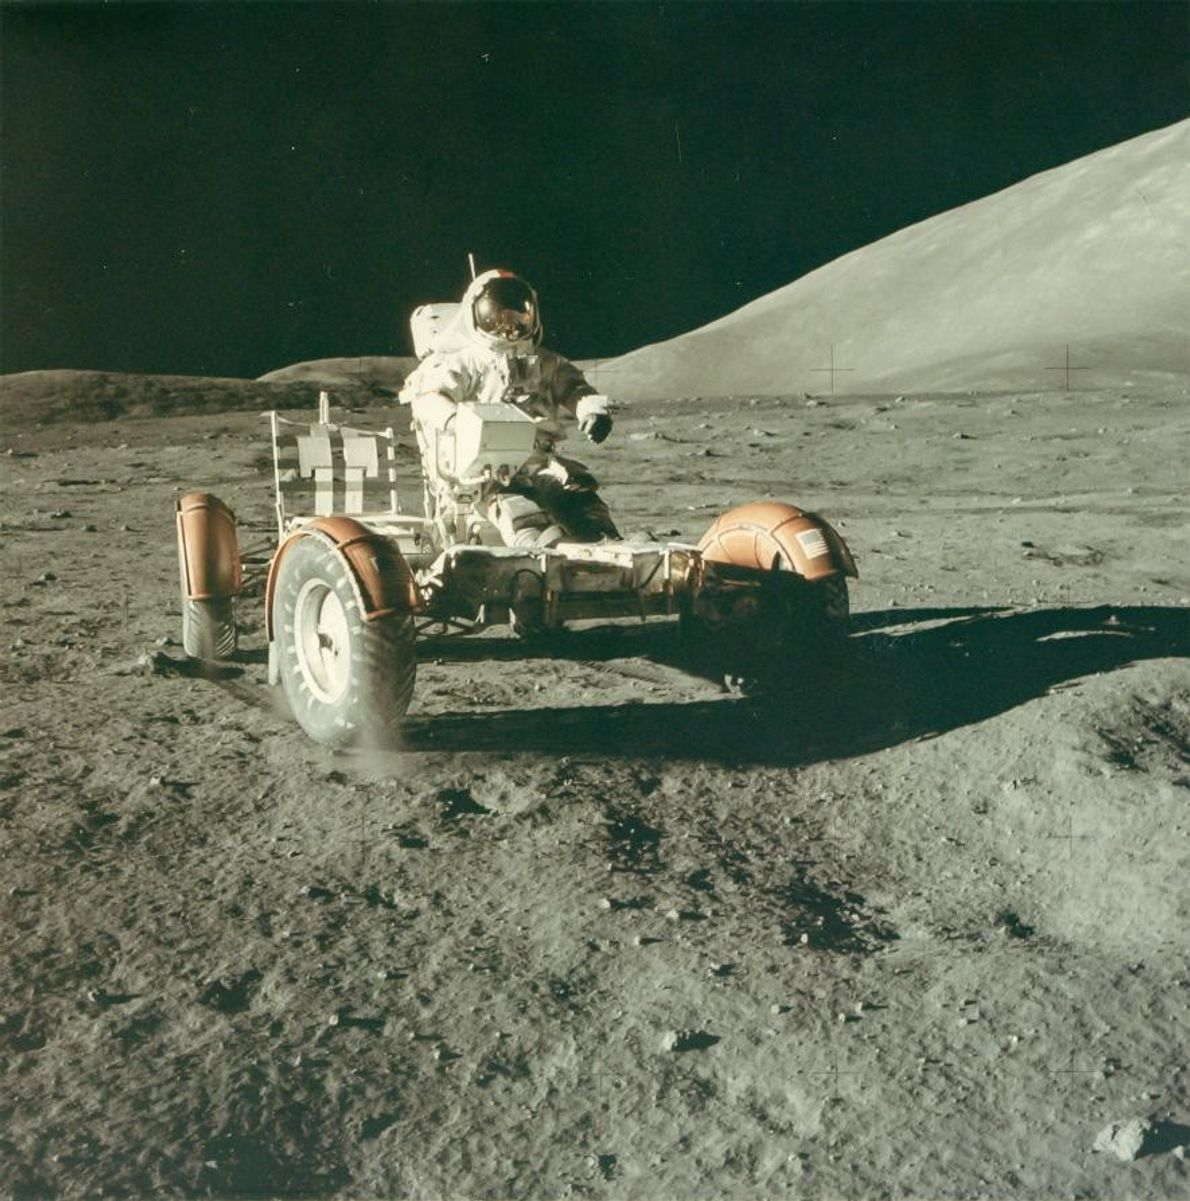 L'astronaute Eugene Cernan teste le rover lunaire sur la Lune. Cette photo a été prise en ...